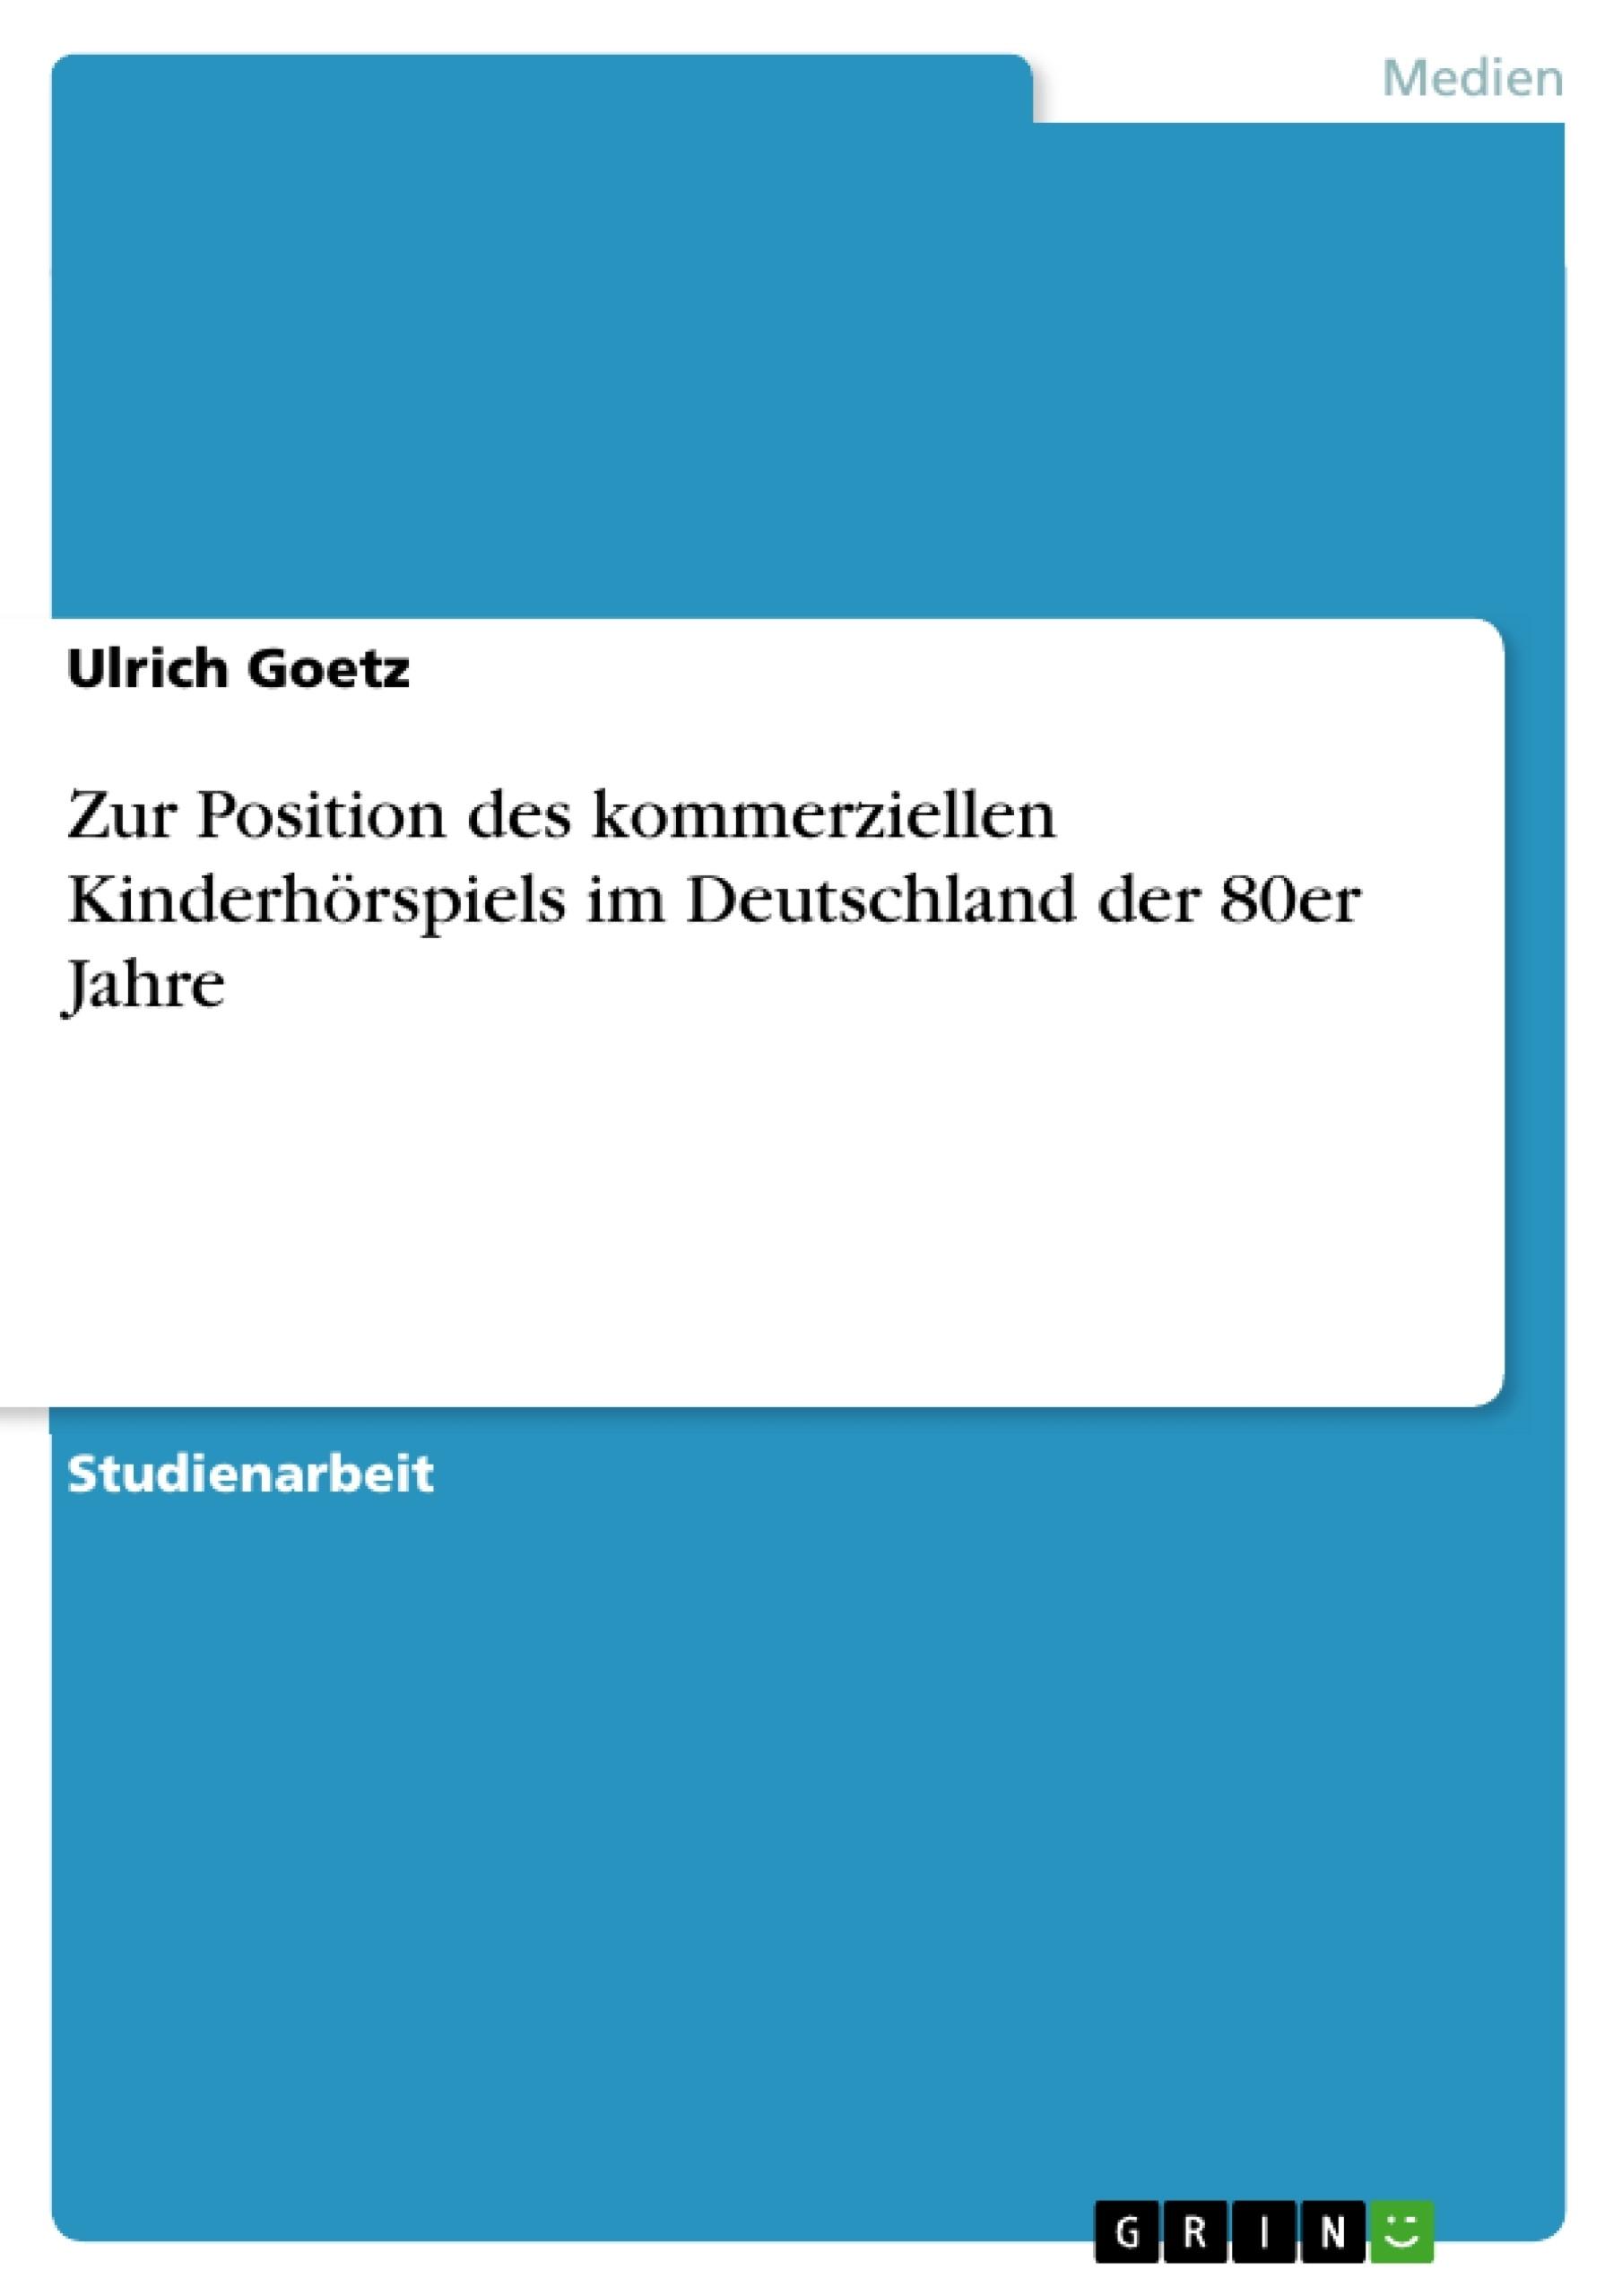 Titel: Zur Position des kommerziellen Kinderhörspiels im Deutschland der 80er Jahre